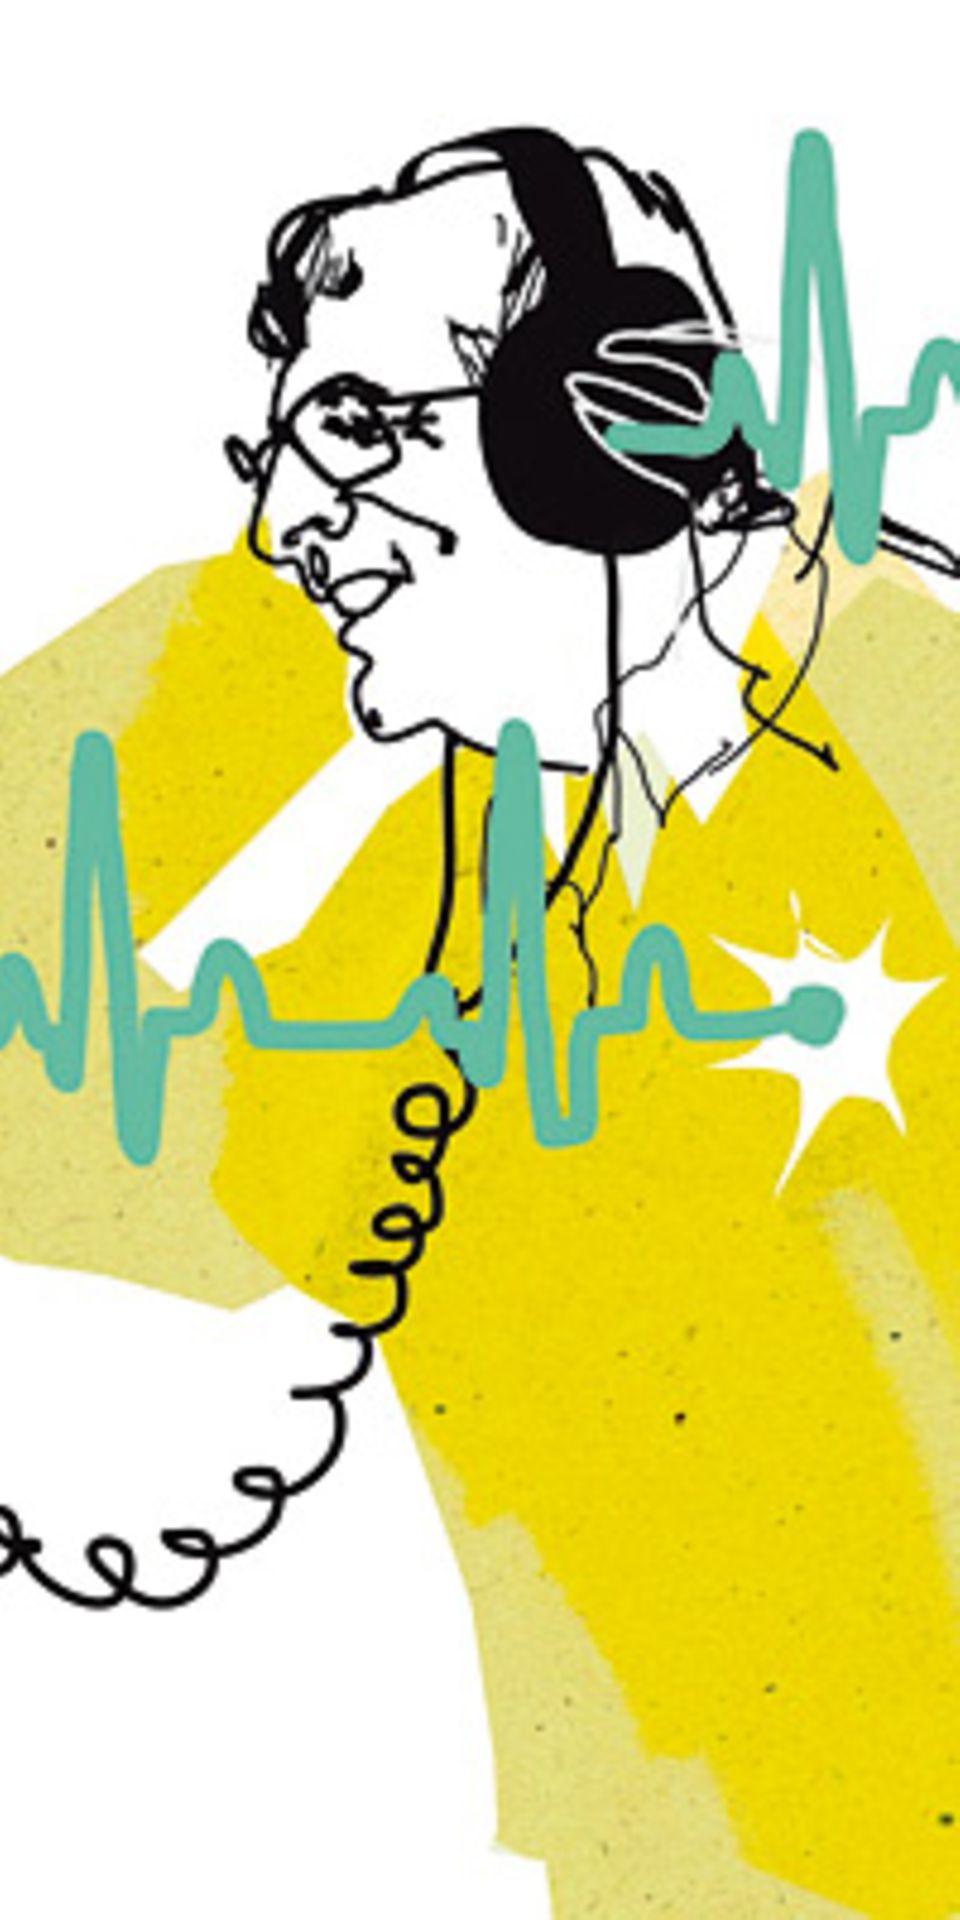 Herzkrankheiten: Musik trifft mitten ins Herz und beeinflusst Puls und Blutdruck